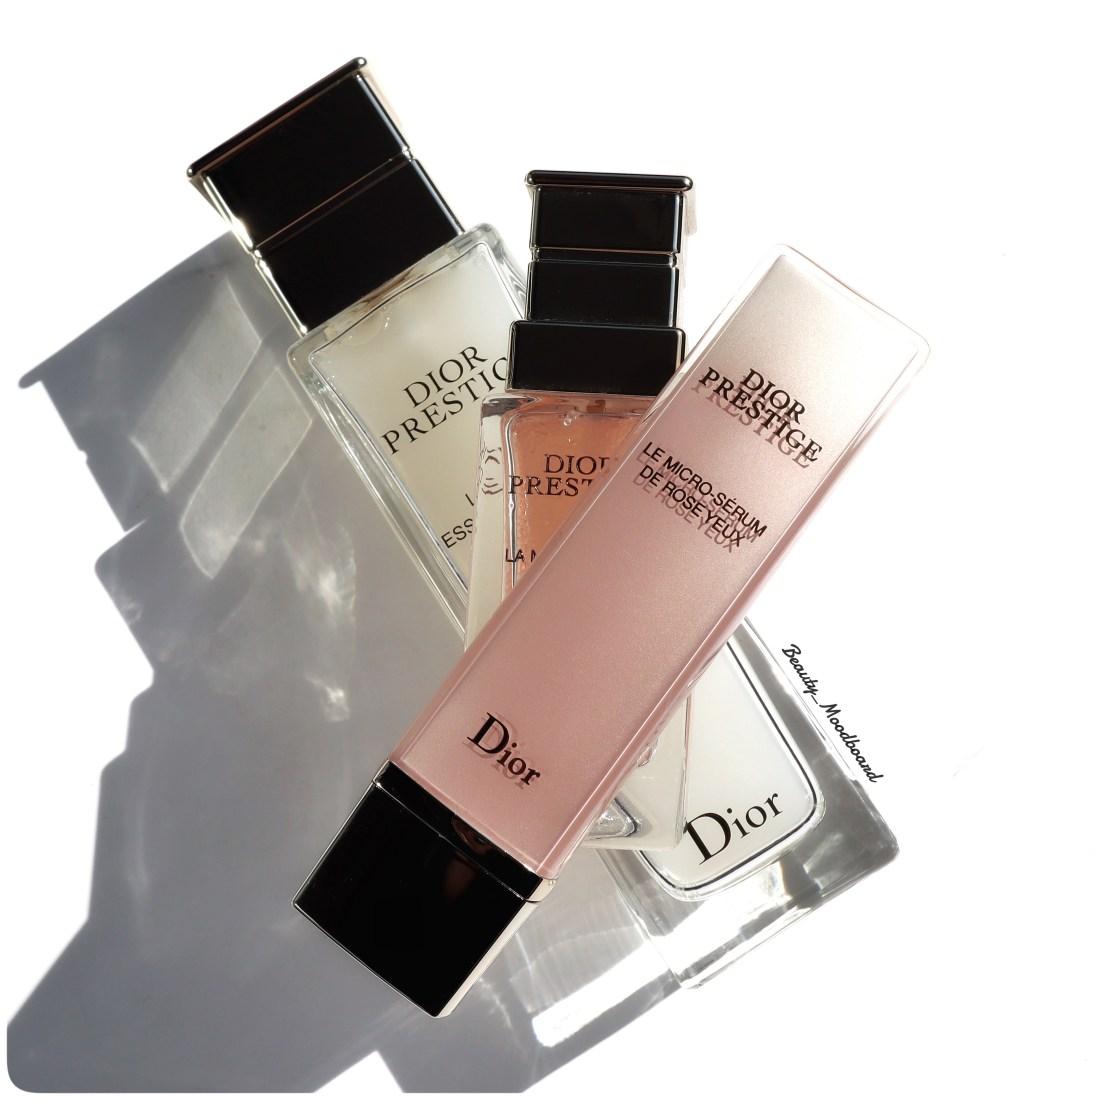 Dior Prestige Le Micro Sérum de Rose Yeux soin contour des yeux haut de gamme Dior